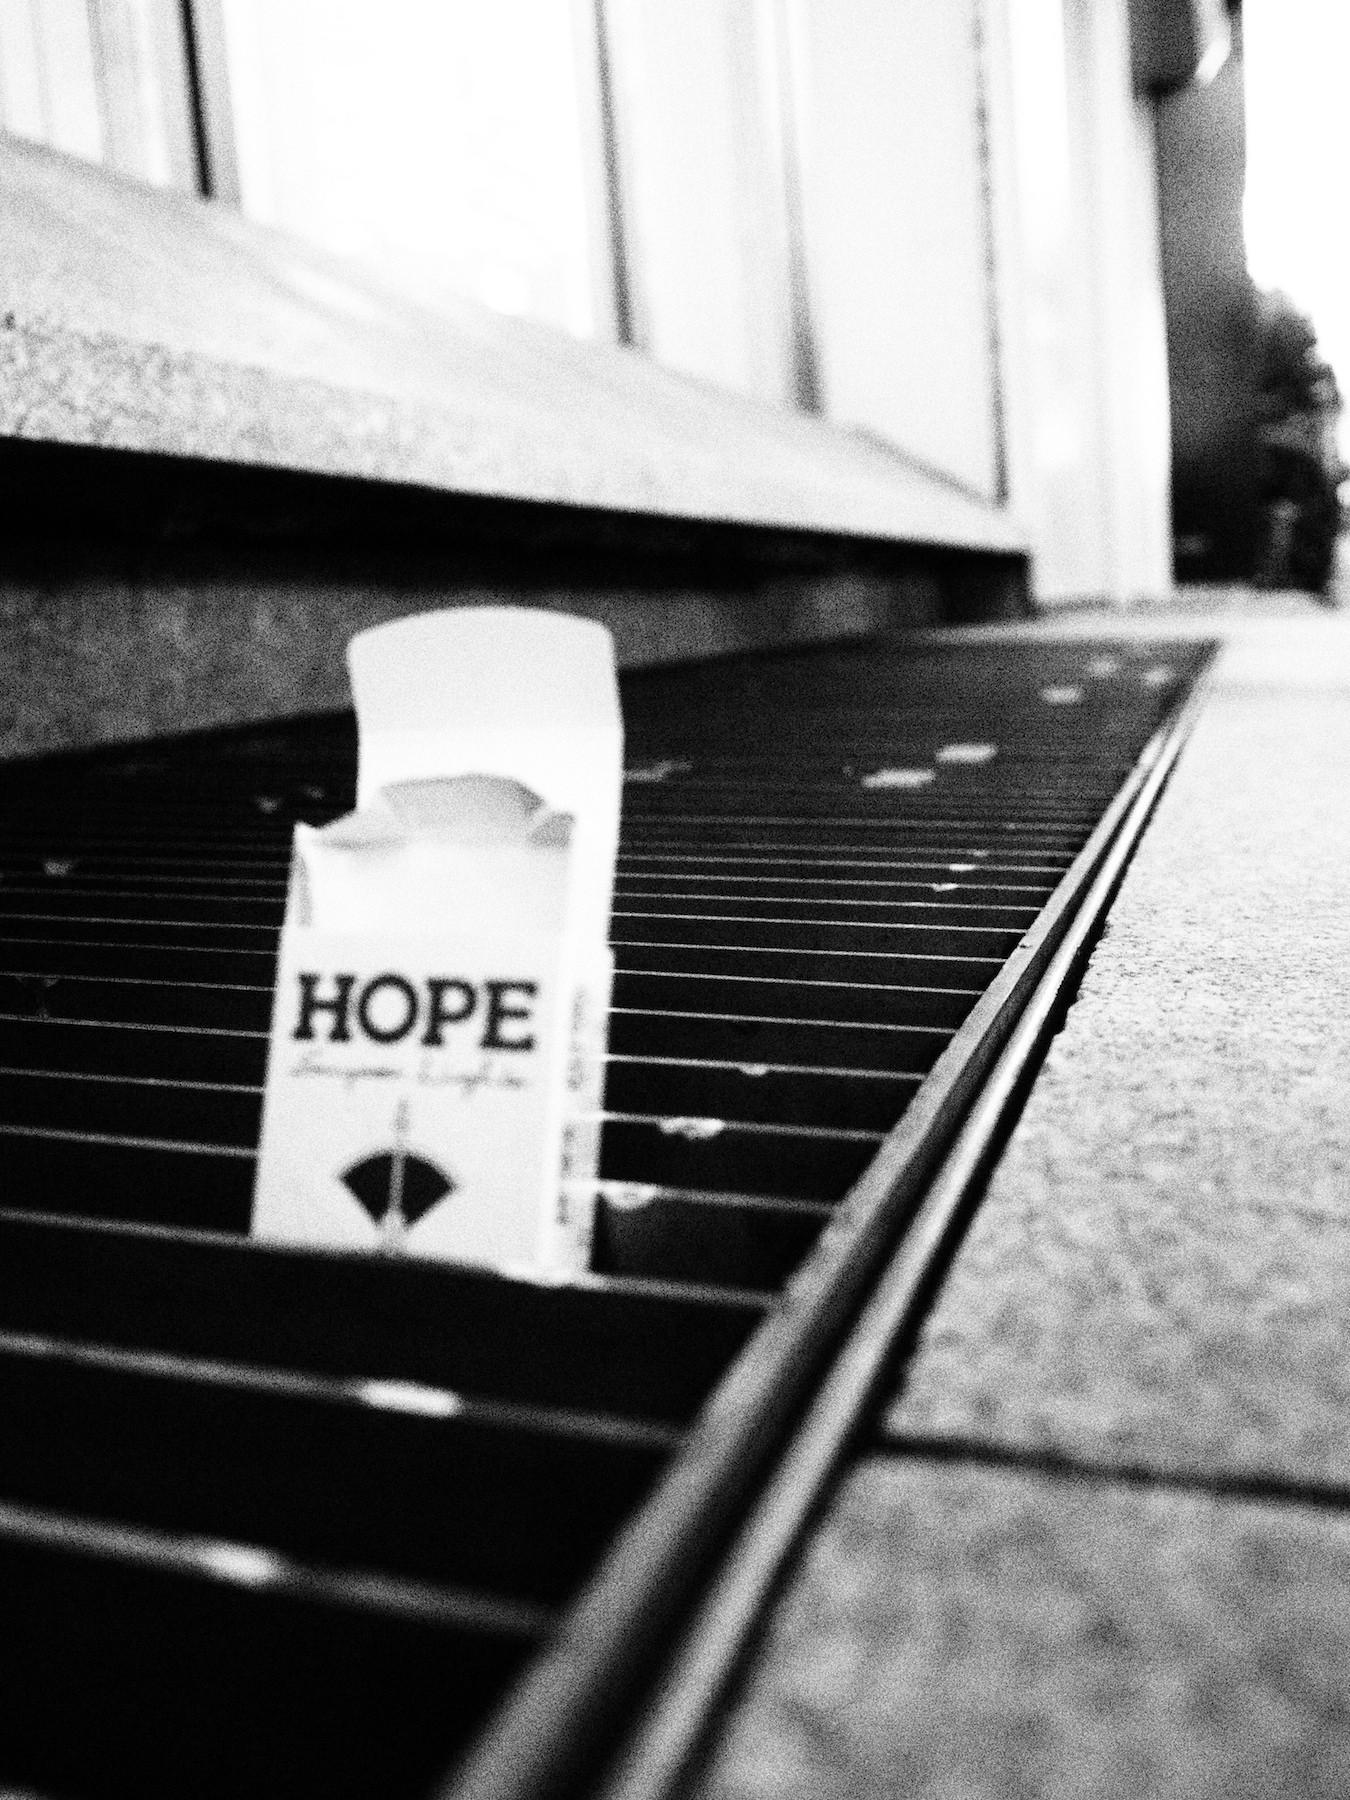 希望/Hope.  Taken somewhere in Tokyo.